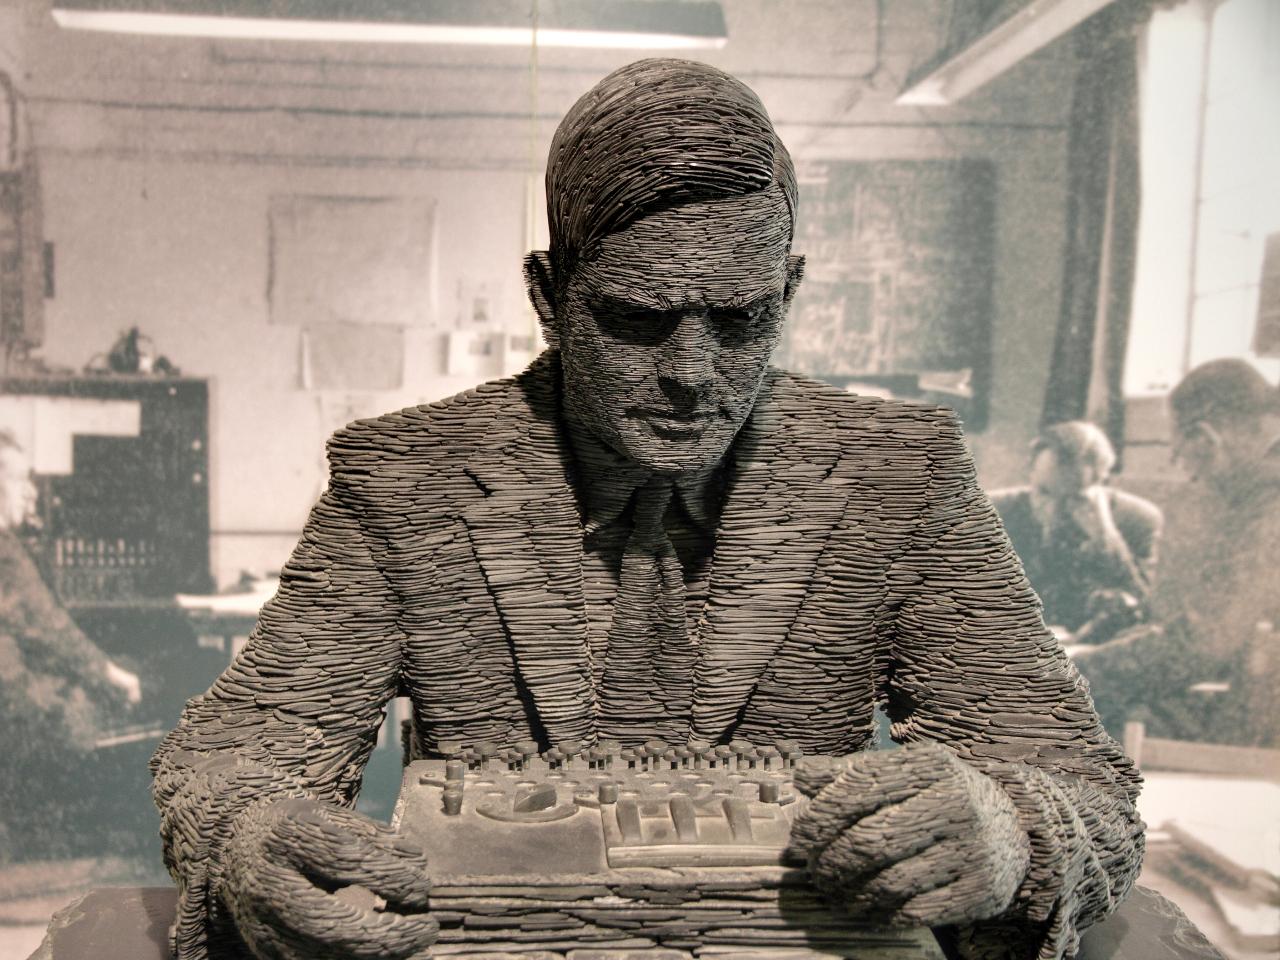 Alan_Turing1.jpg